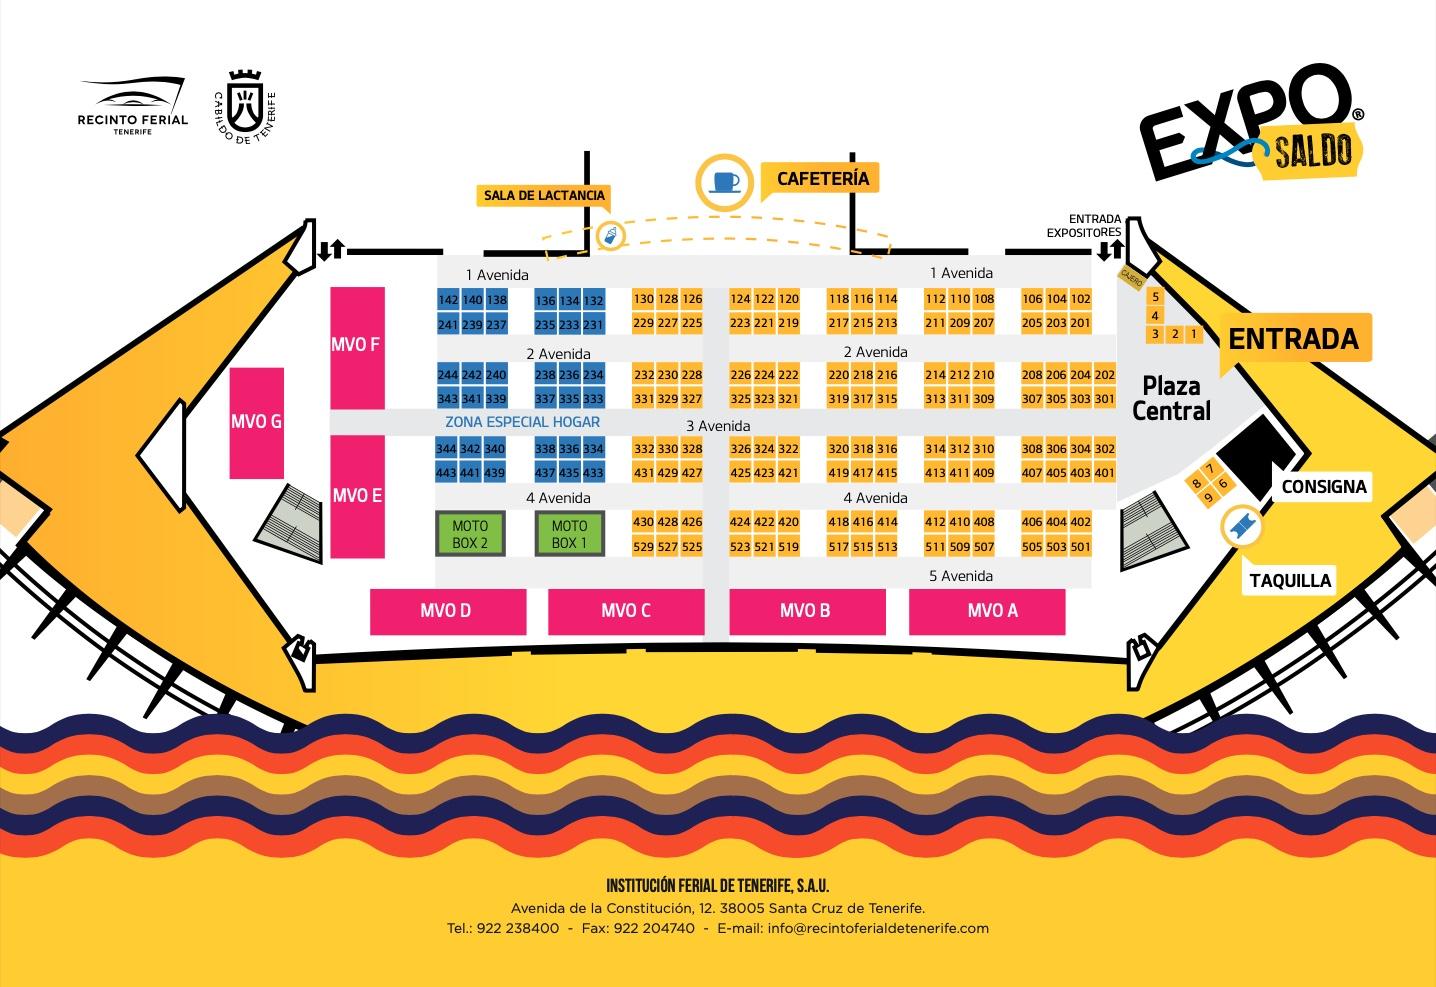 plano de Exposaldo 2021, recinto ferial de tenerife